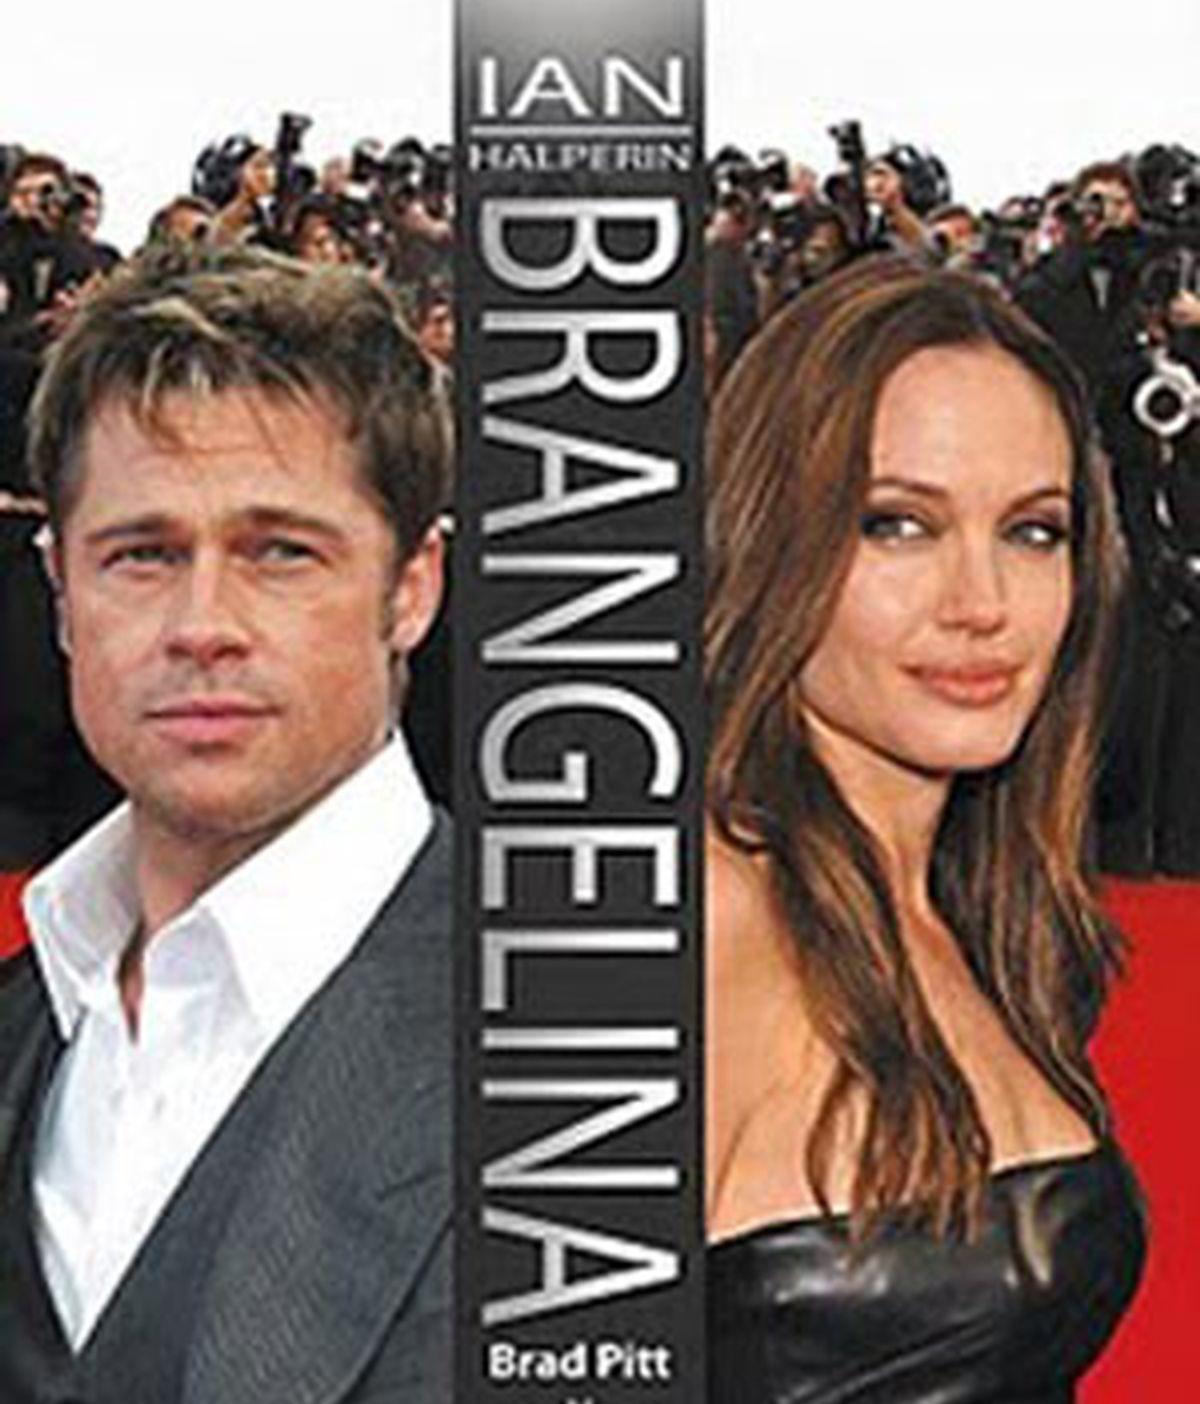 'Brangelina' destripa todos los secretos de la pareja. Vídeo: Informativos Telecinco